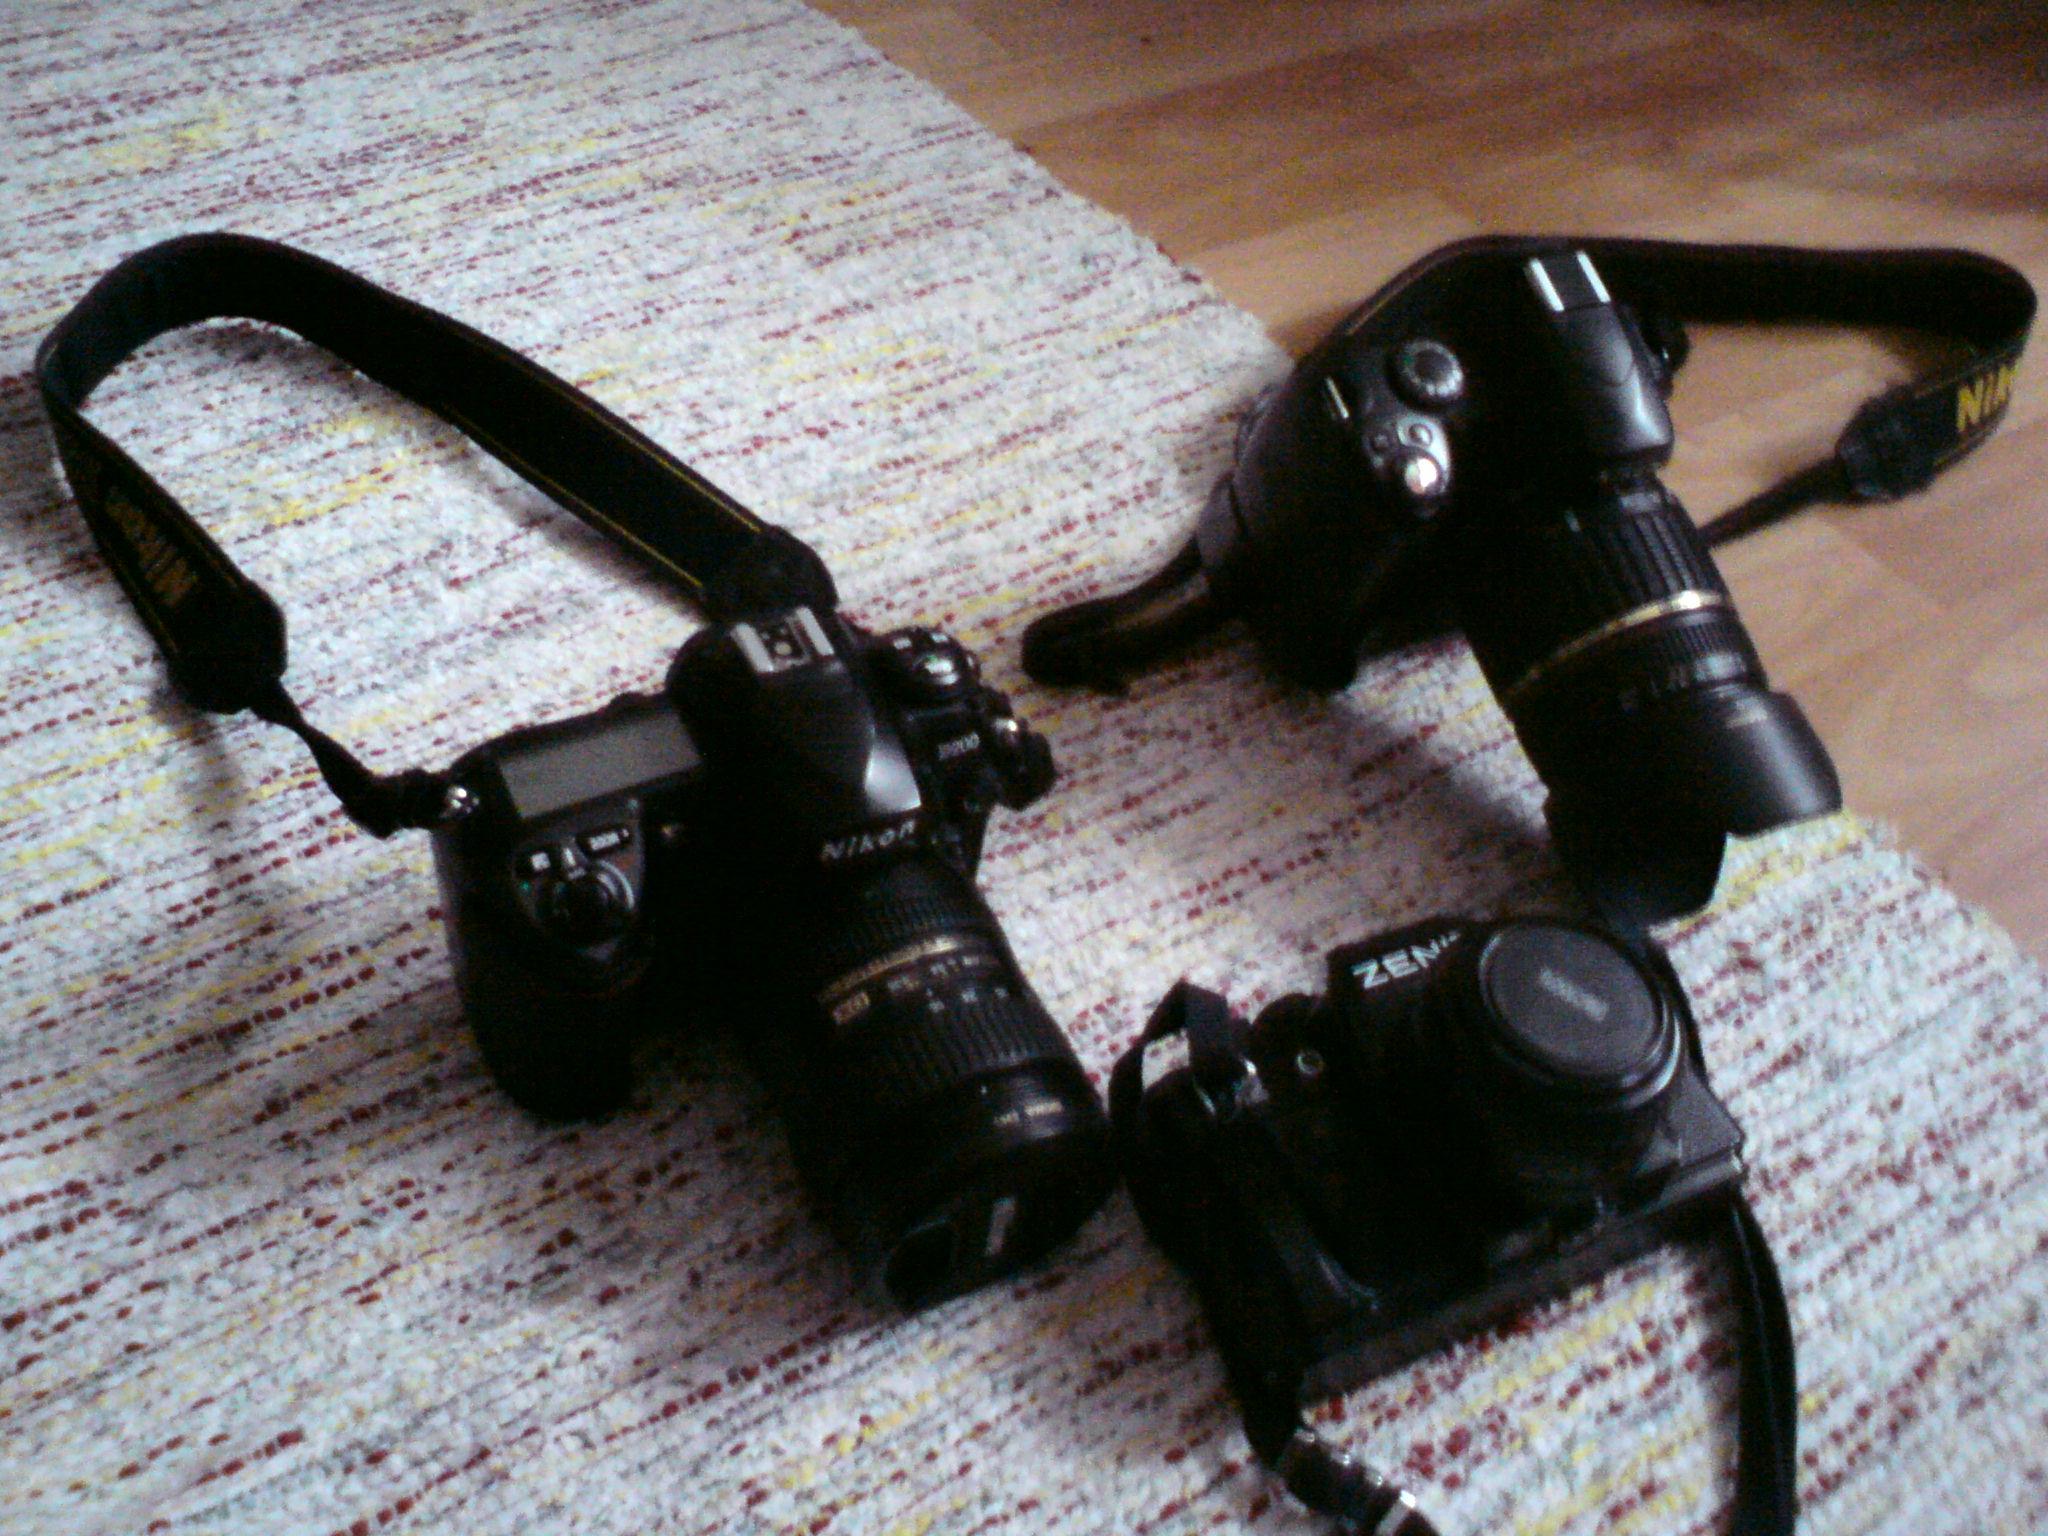 ecc5dd4d3 Blog píše Peter Kučerka » Kúpil som si novú zrkadlovku! A teraz čo?